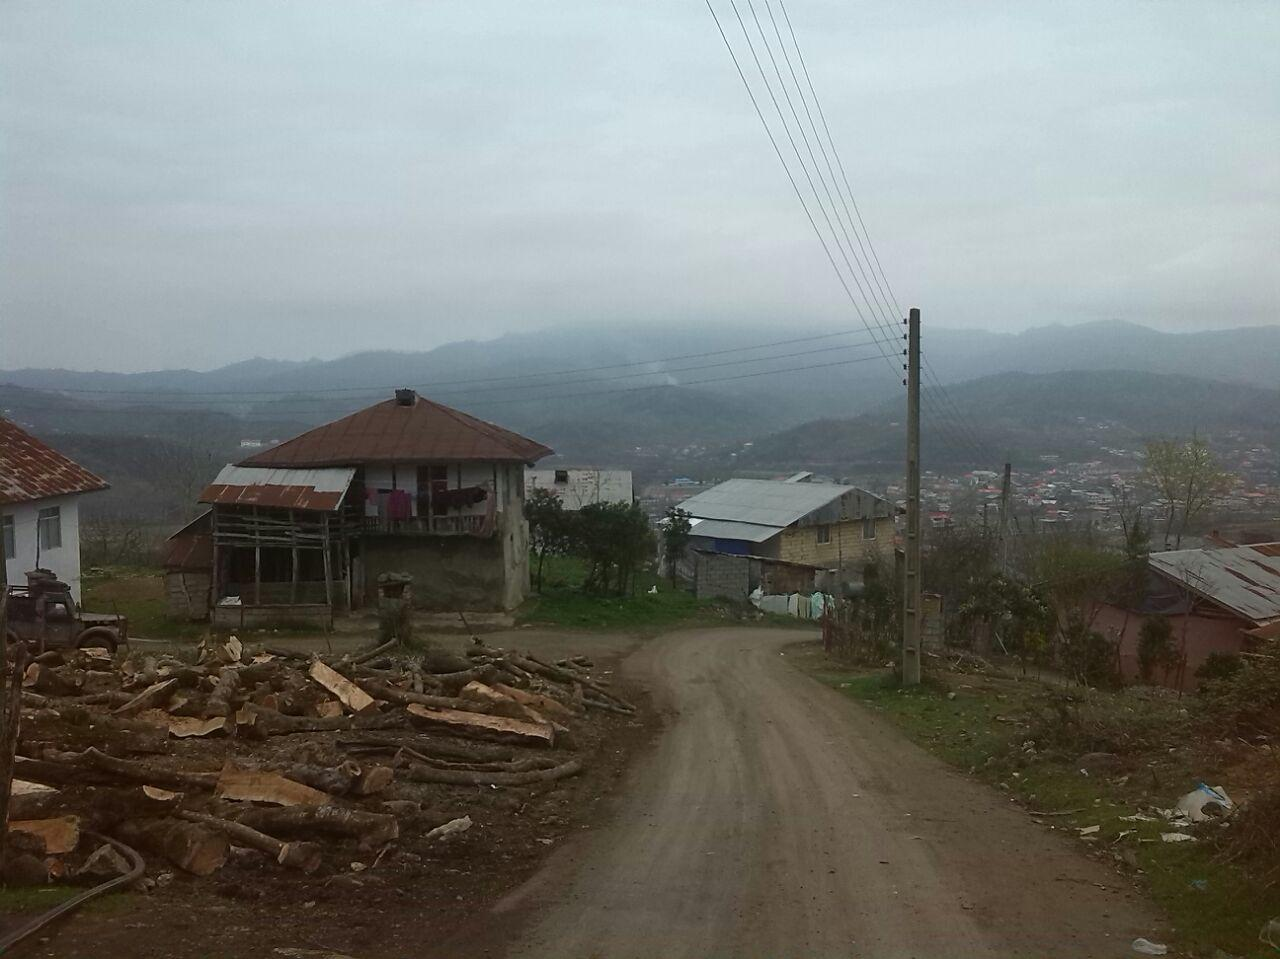 خانه روستایی در اطاقور با تمام امکانات